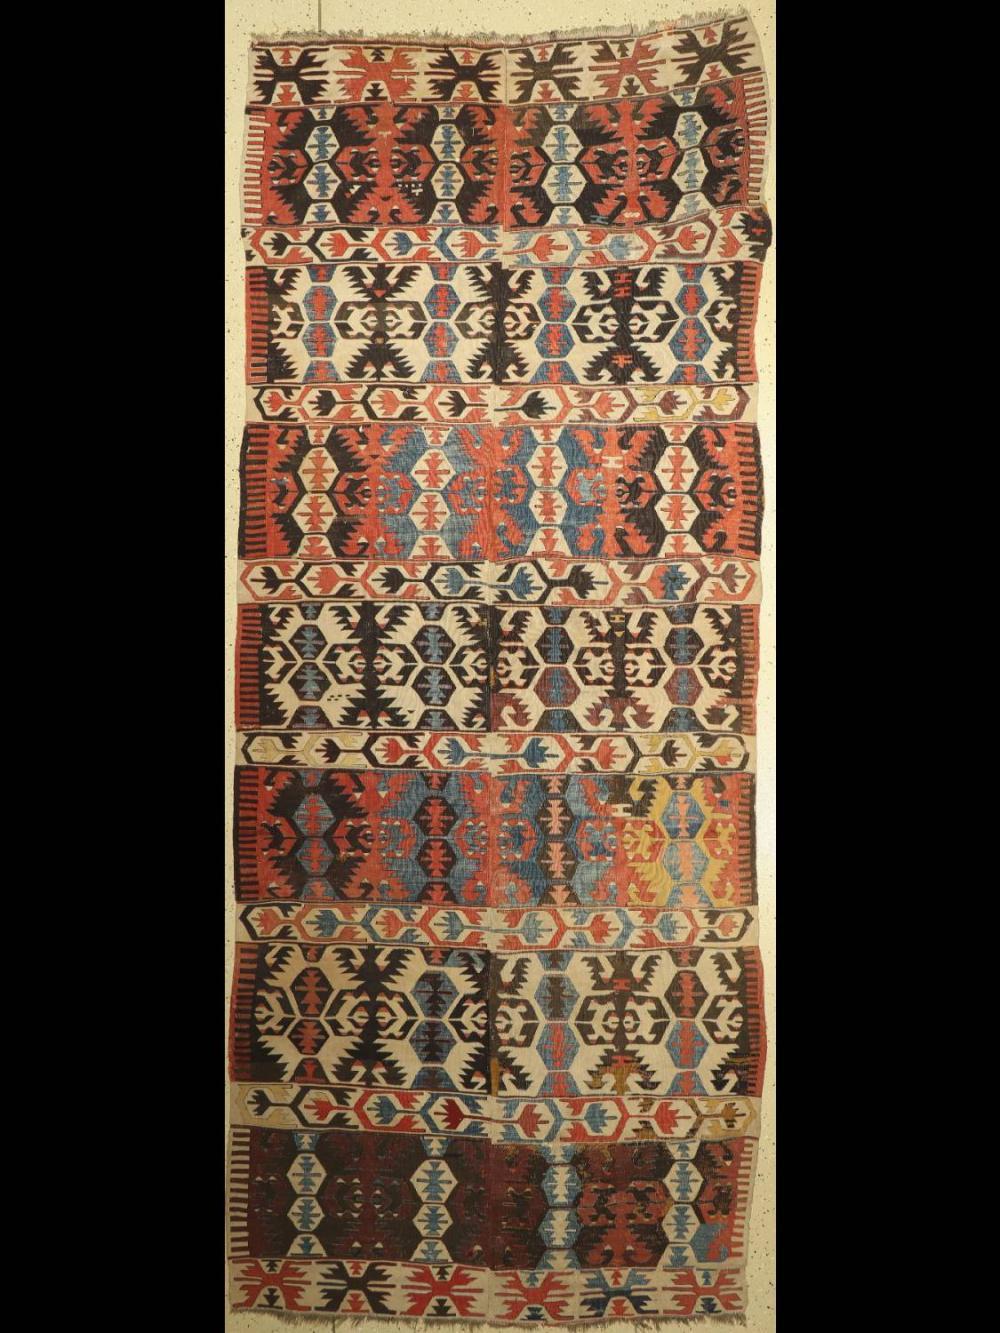 Antique Anatol Kilim, Turkey, around 1900, wool woven